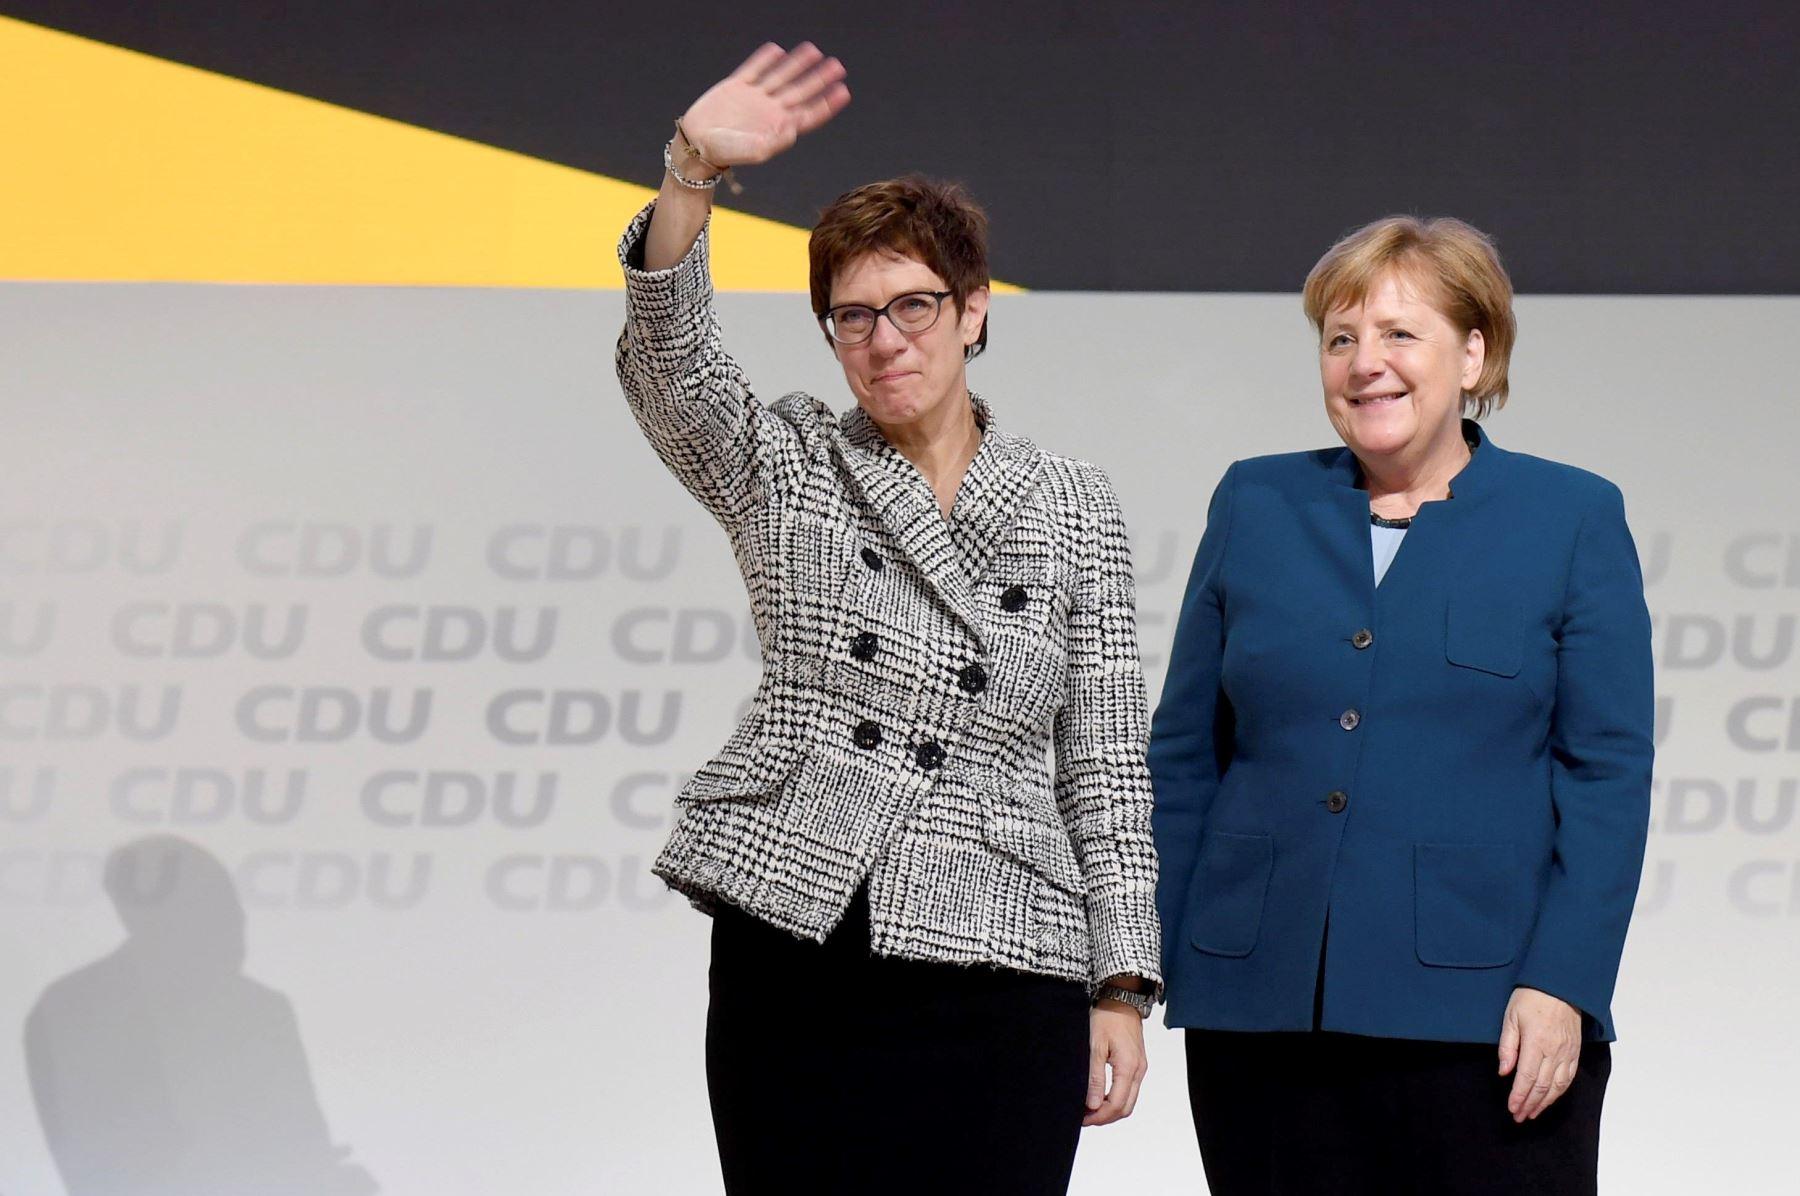 Annegret Kramp-Karrenbauer reacciona tras ser elegida como nueva presidenta del partido CDU junto a la canciller alemana, Angela Merkel  Foto: EFE